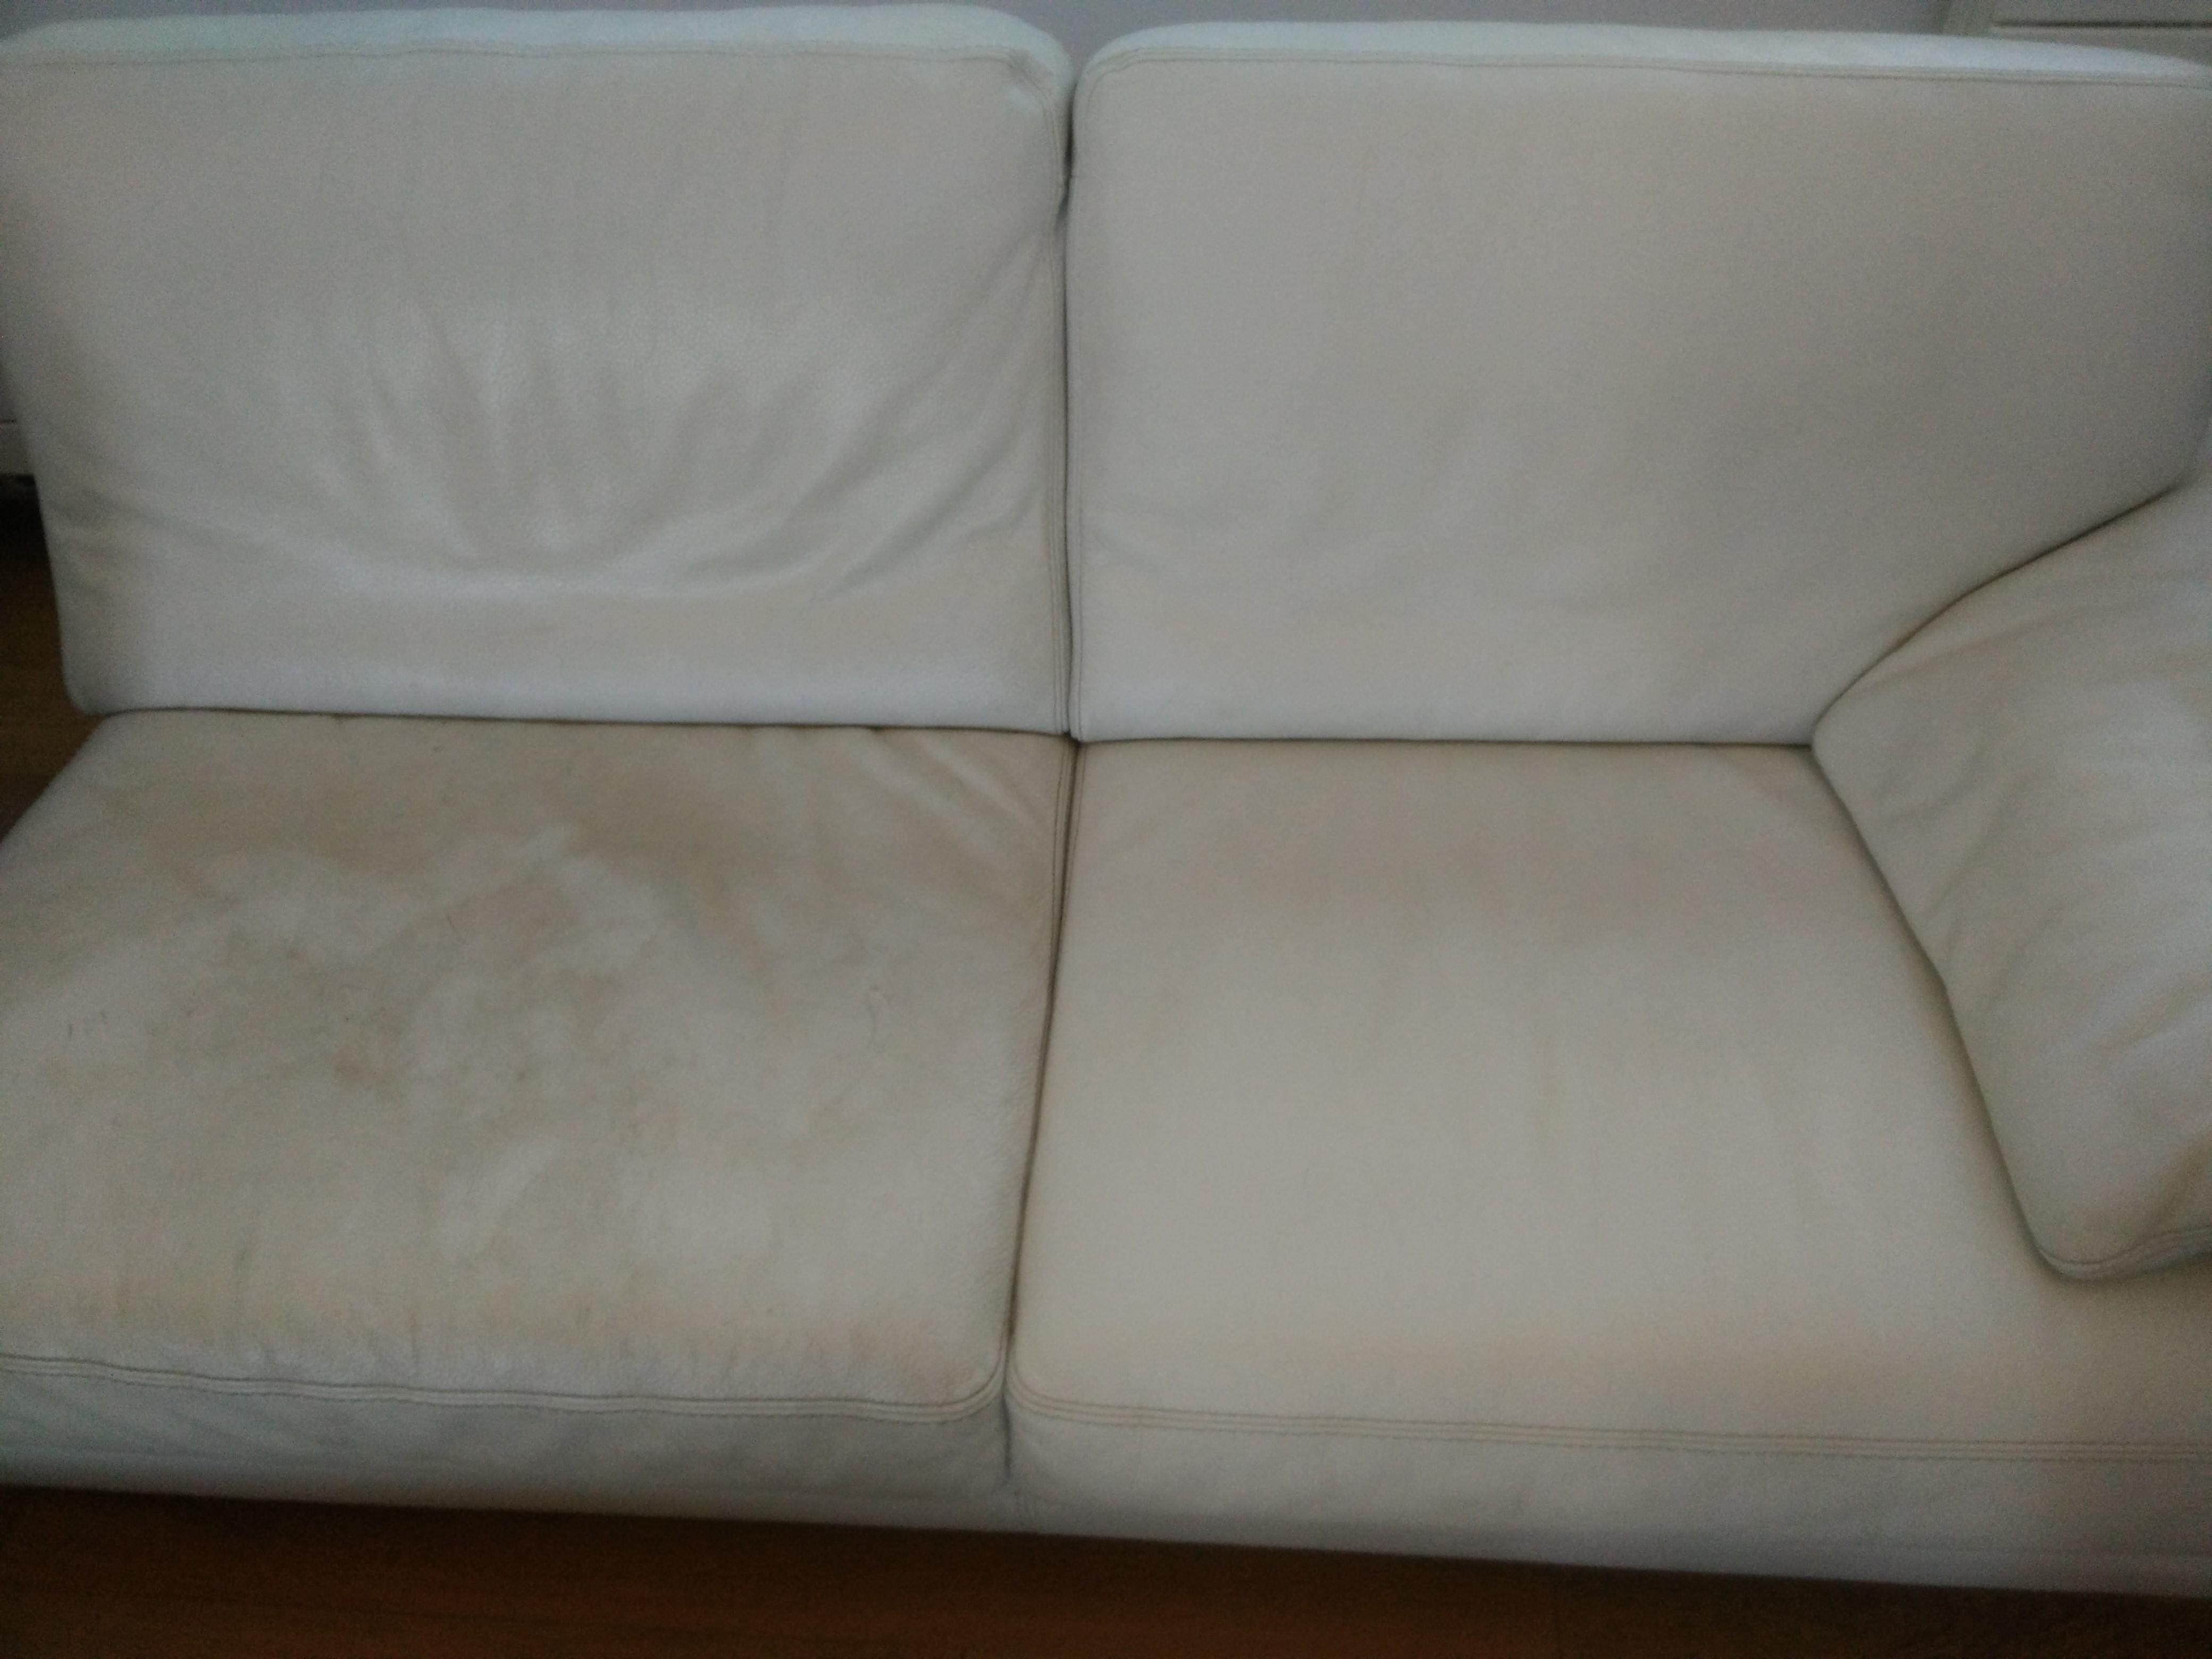 Nettoyer Fauteuil En Cuir nettoyage fauteuil cuir